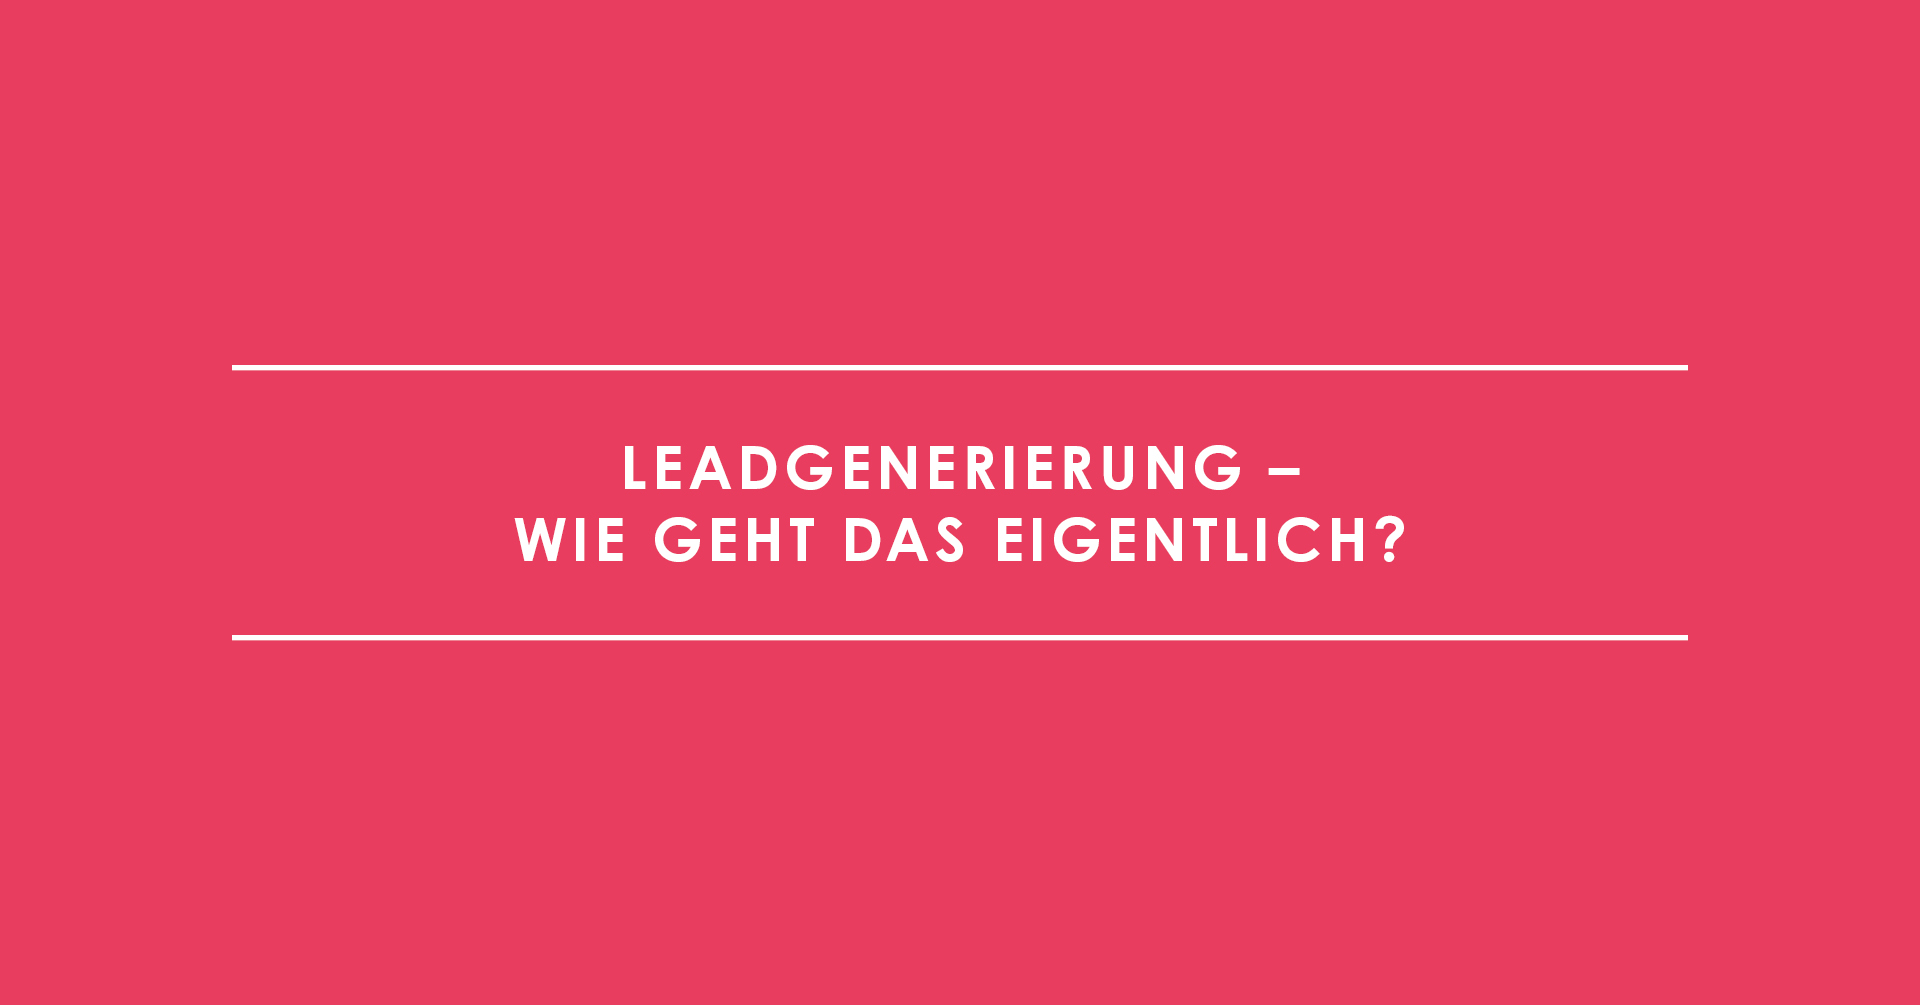 Leadgenerierung –wie geht das eigentlich?